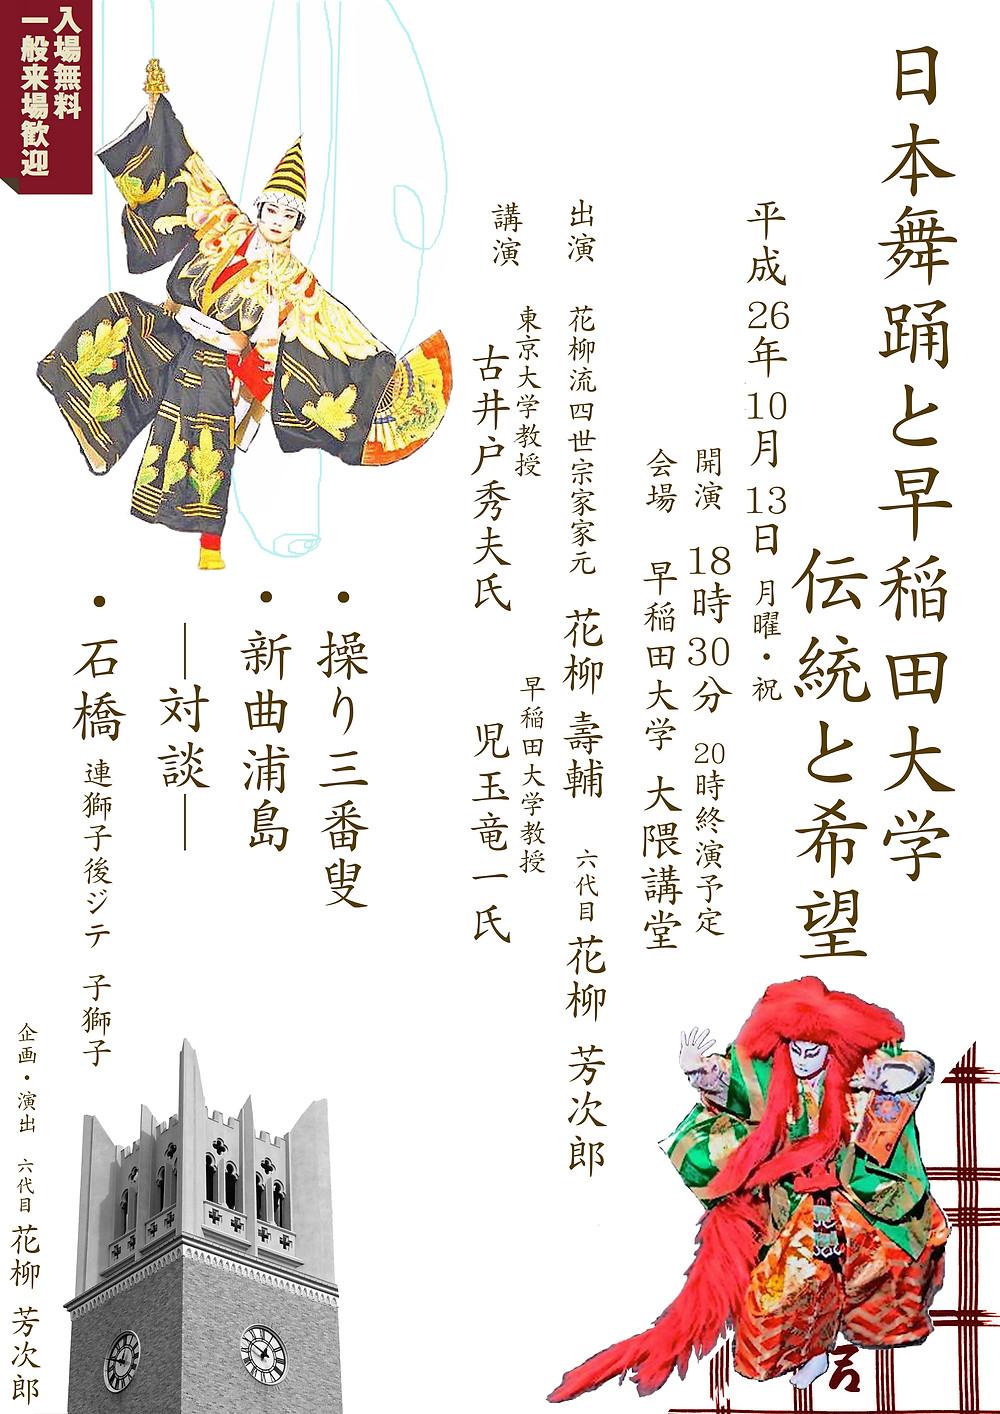 日本舞踊と早稲田大学 花柳芳次郎.jpg